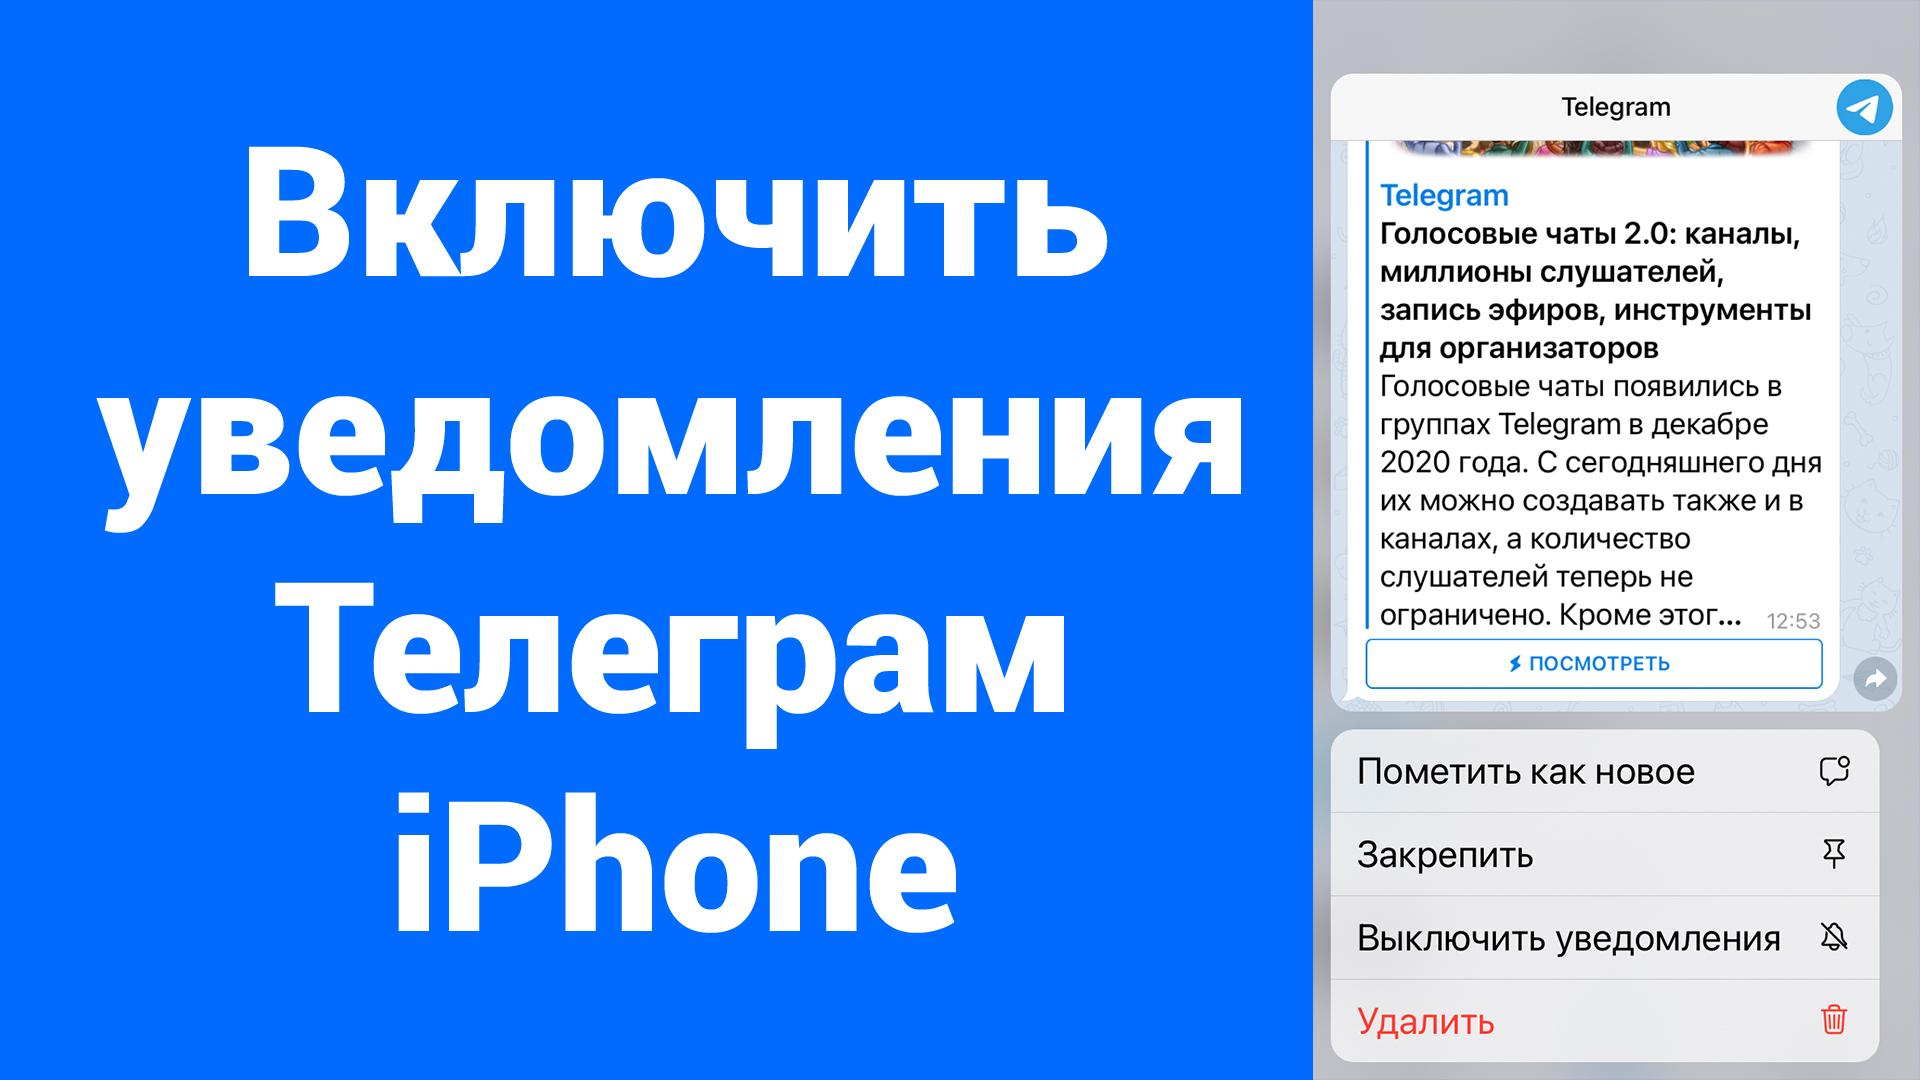 Нет звука и уведомлений от 1 контакта Telegram iPhone – перечёркнутый динамик